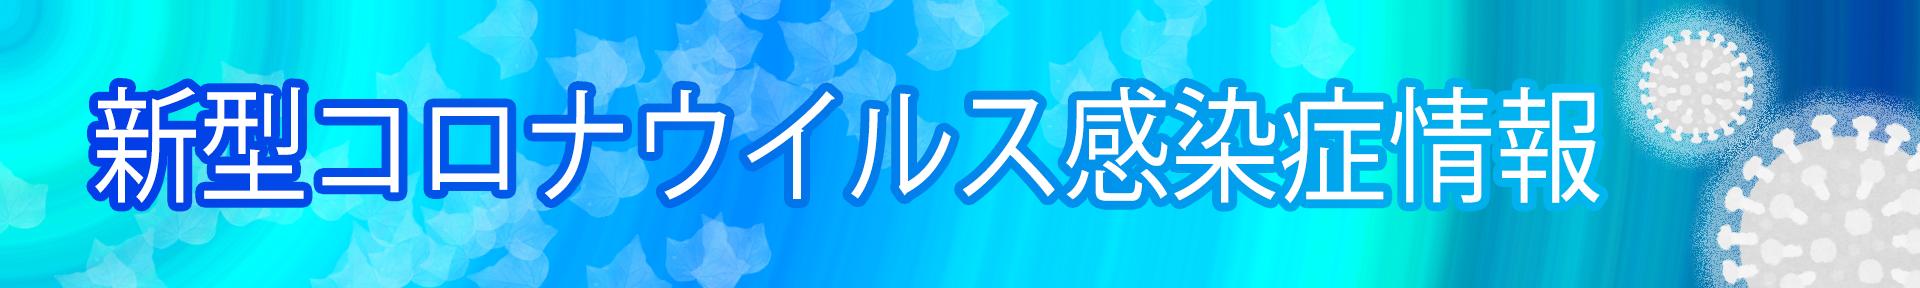 感染 福井 情報 コロナ